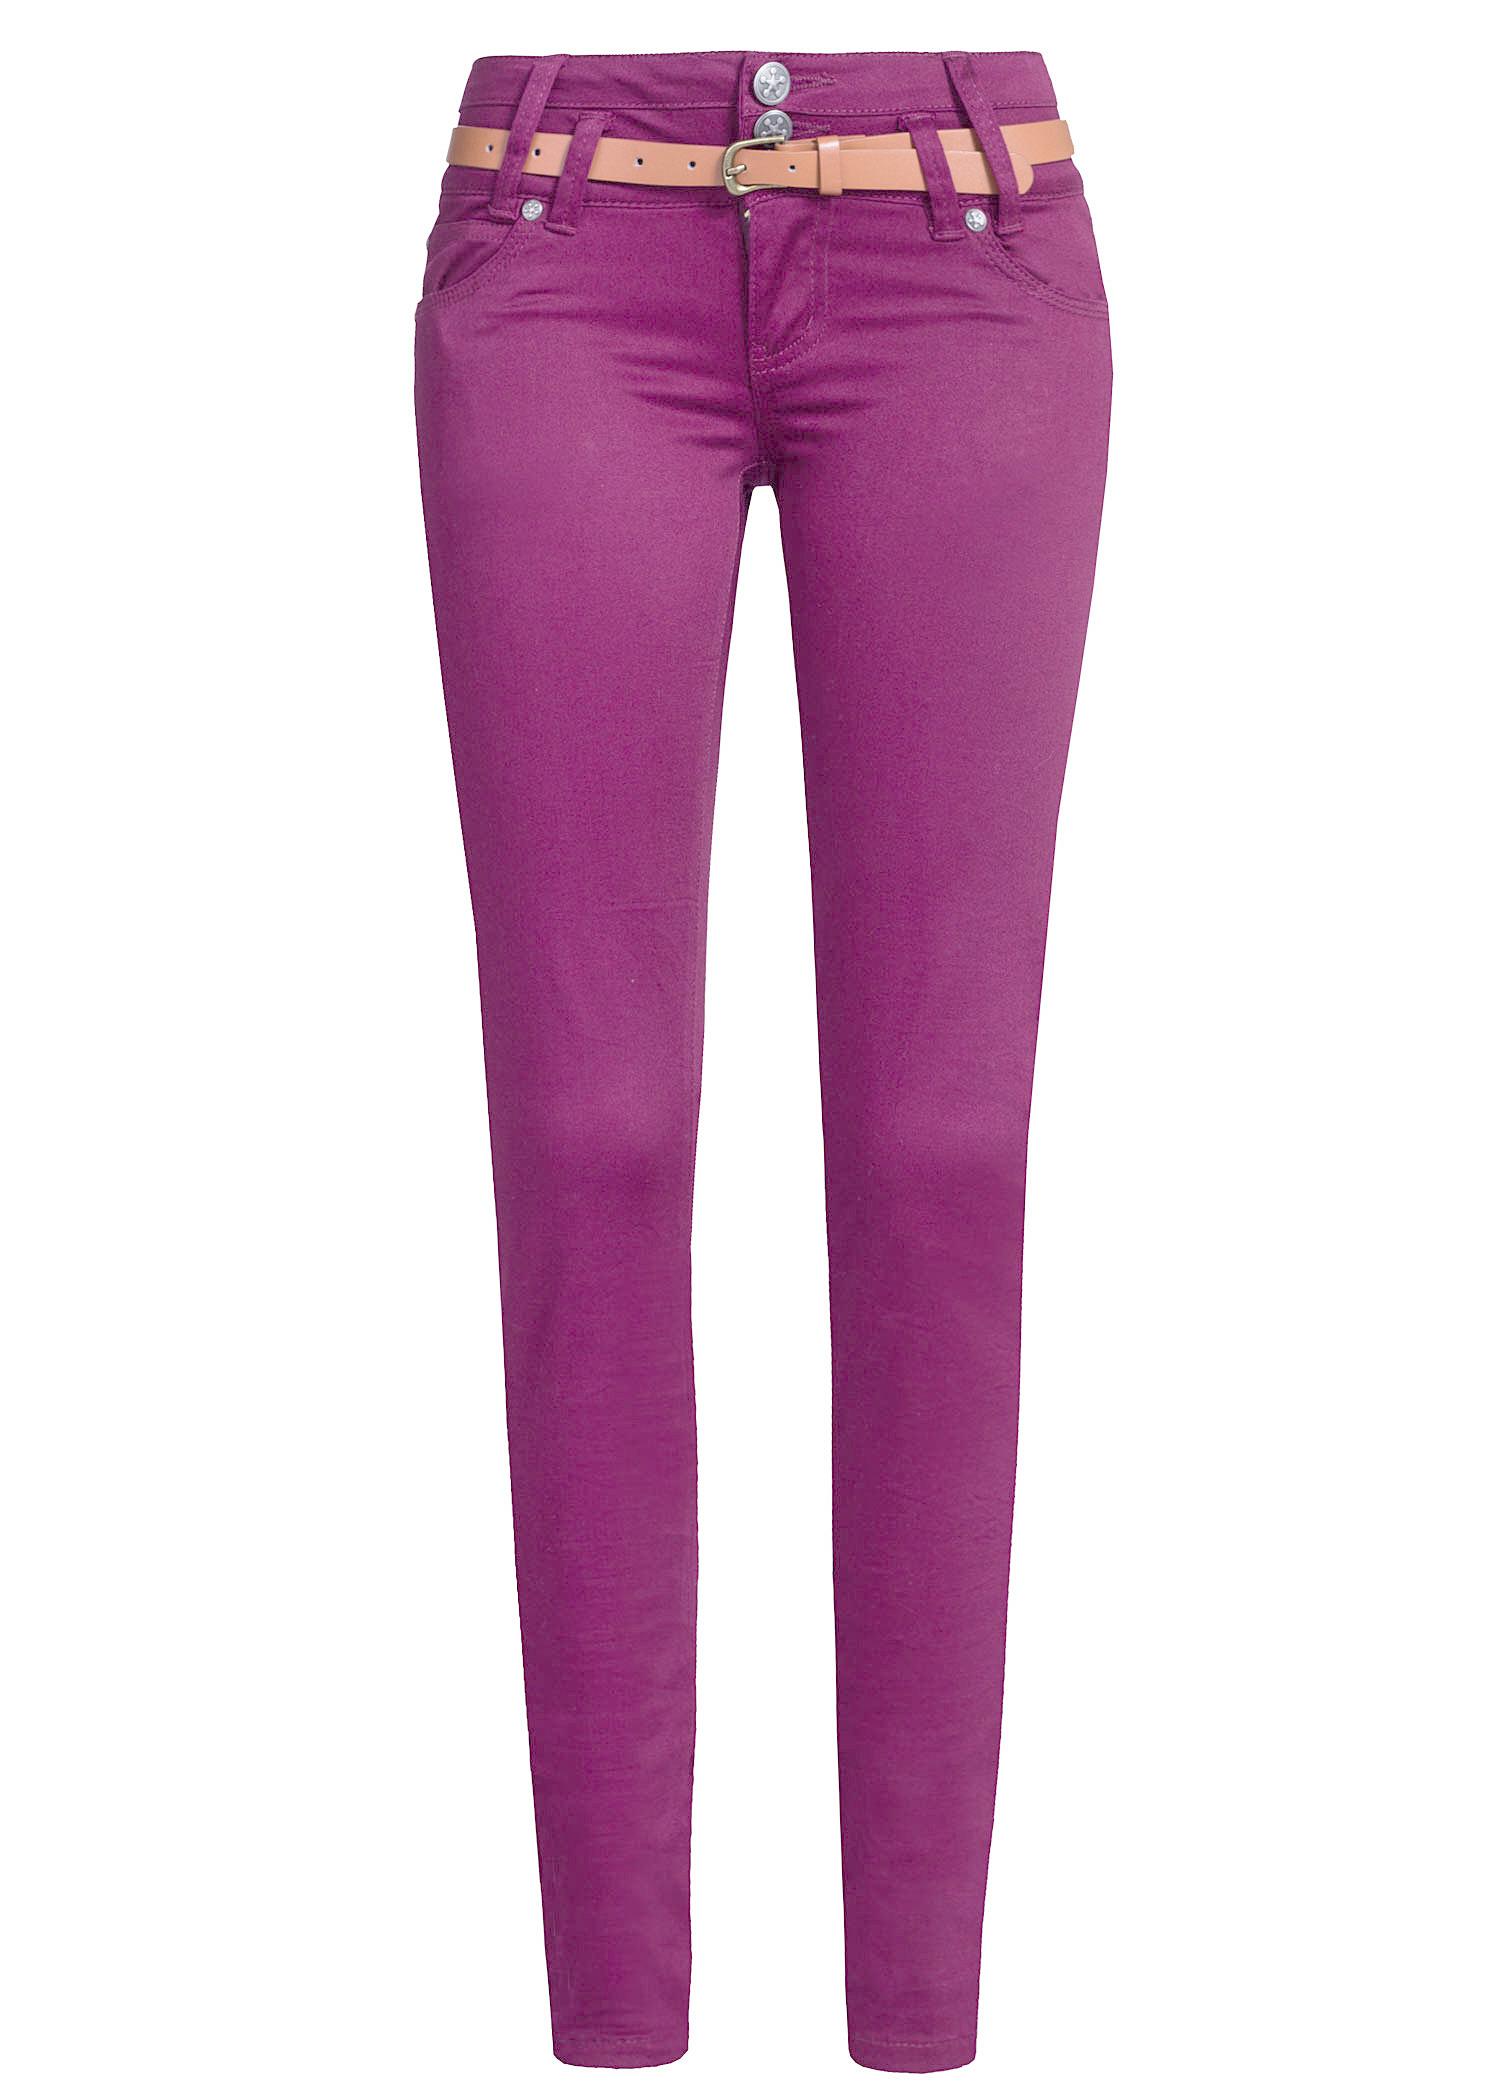 Dámské kalhoty MADONNA - mačkané - fialové - vel. M